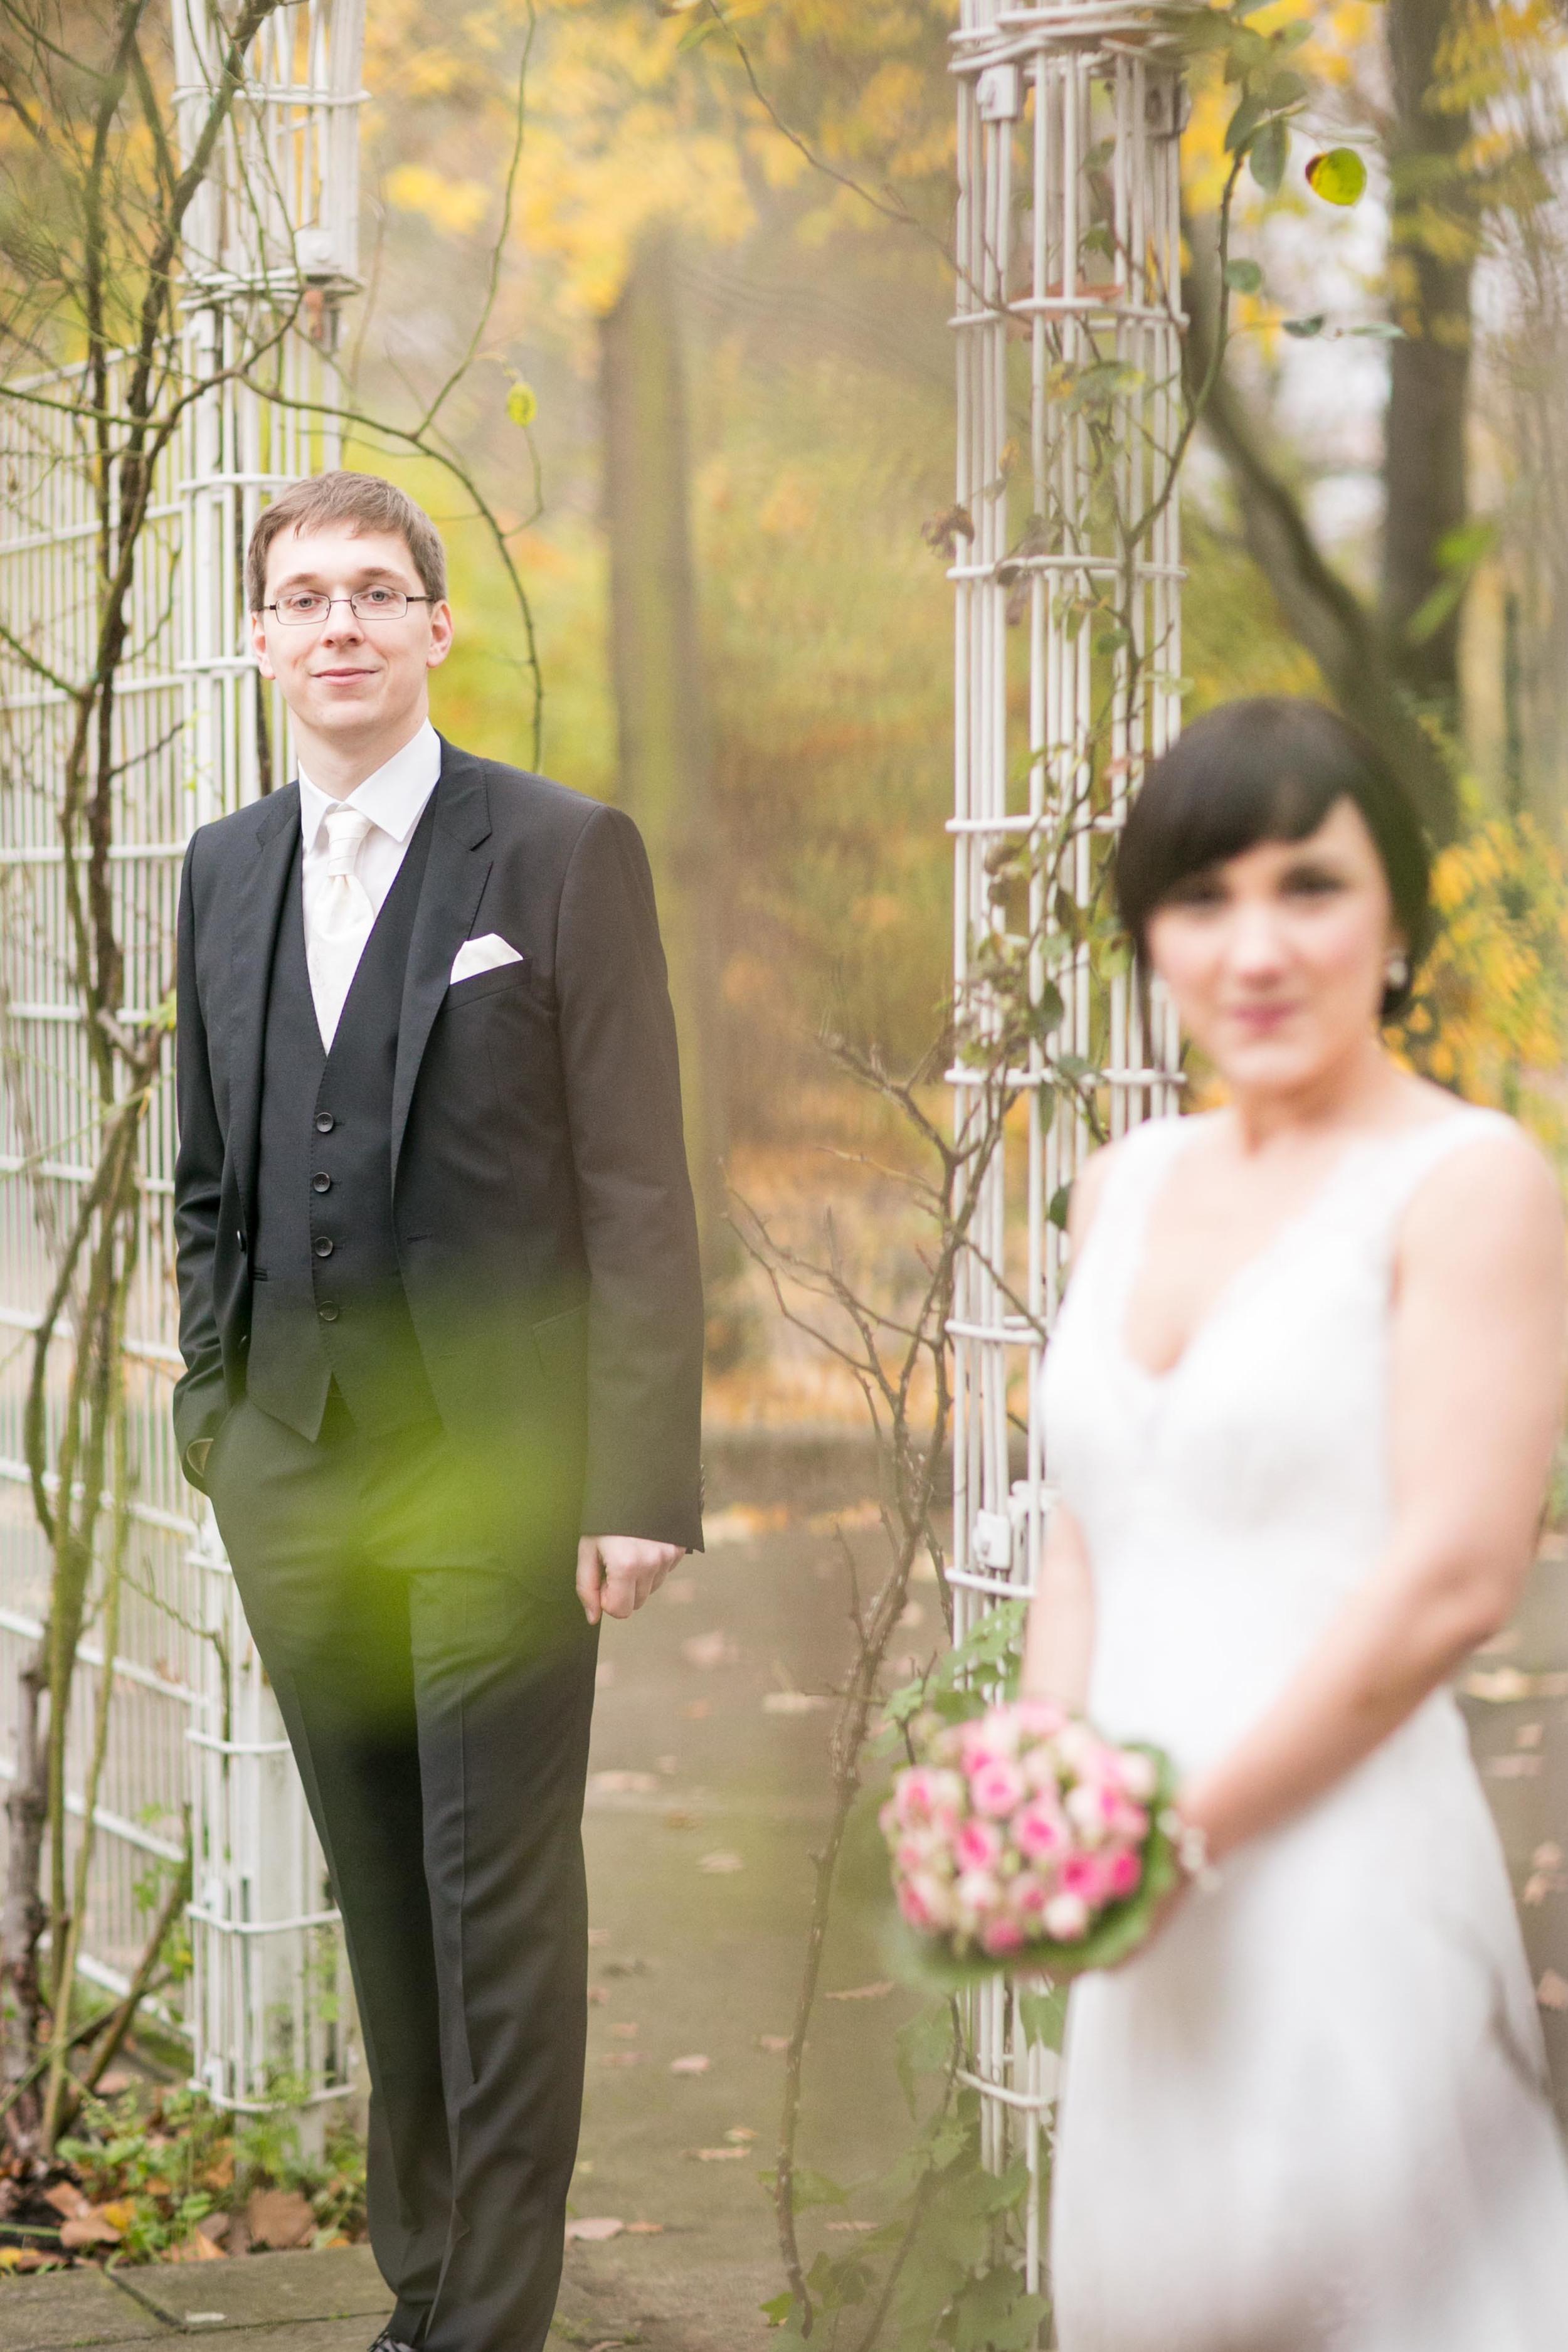 Fran Burrows Hochzeitsfotografie Berlin_Lichtenberg Standesamt-69.jpg